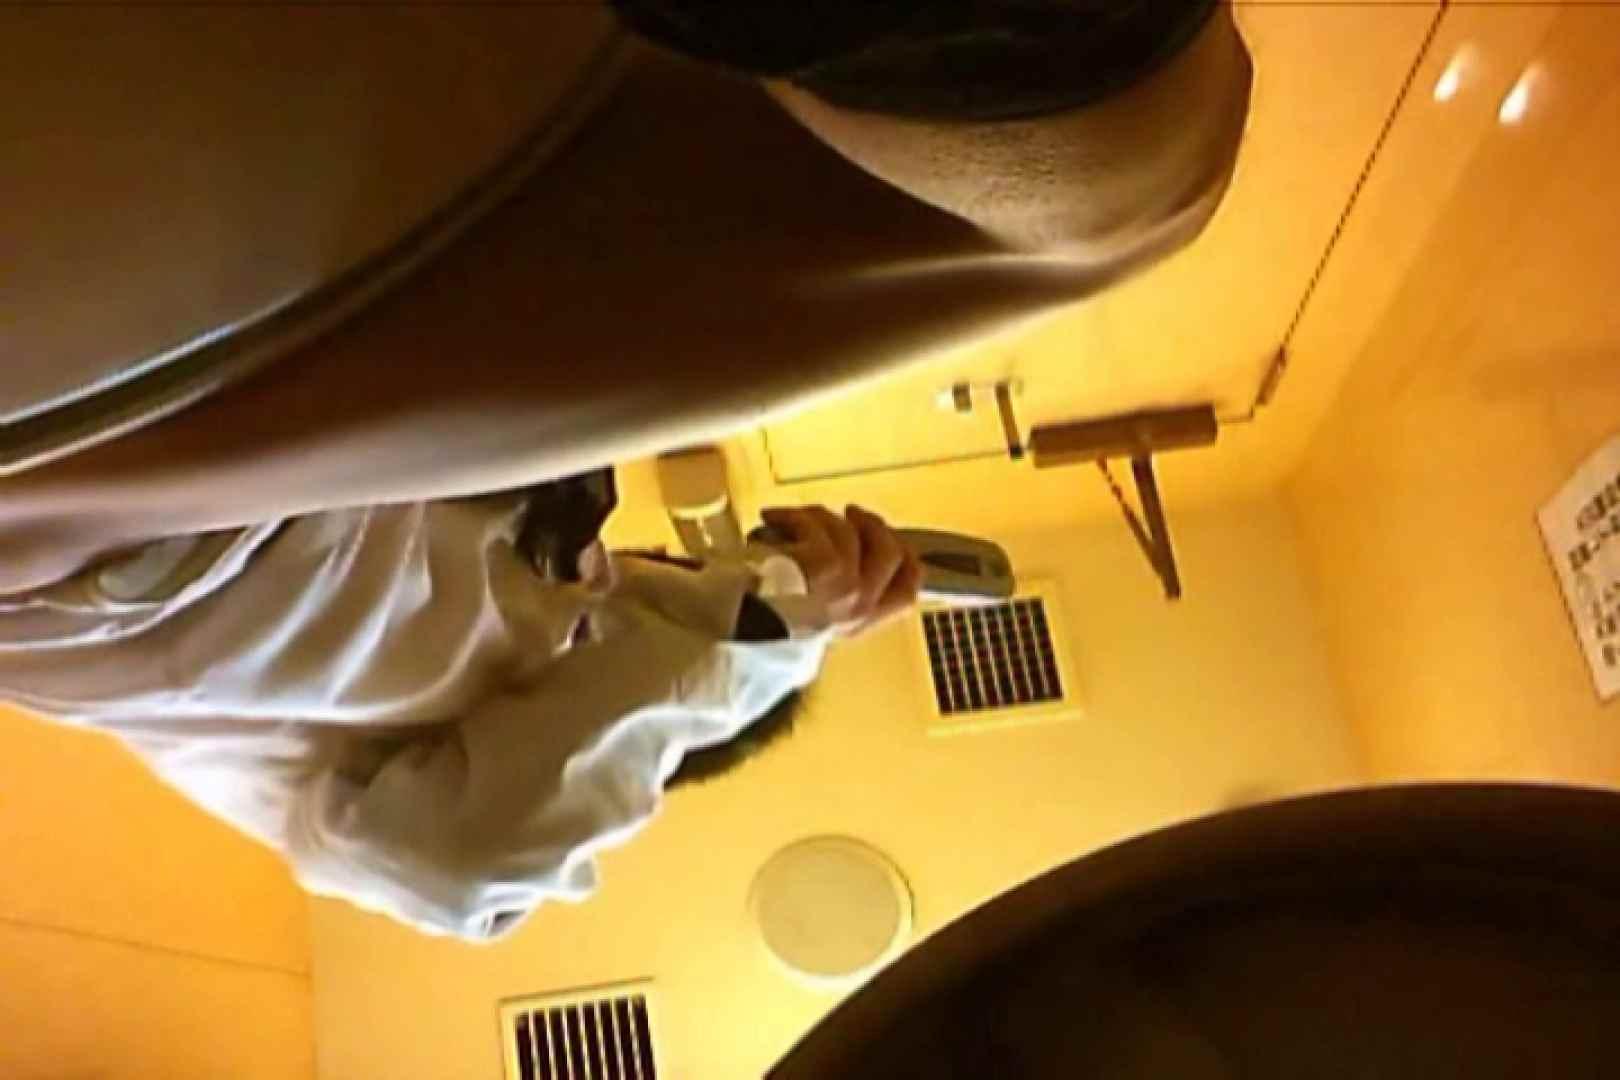 SEASON 2ND!掴み取りさんの洗面所覗き!in新幹線!VOL.18 スジ筋系ボーイズ | のぞき  100pic 94